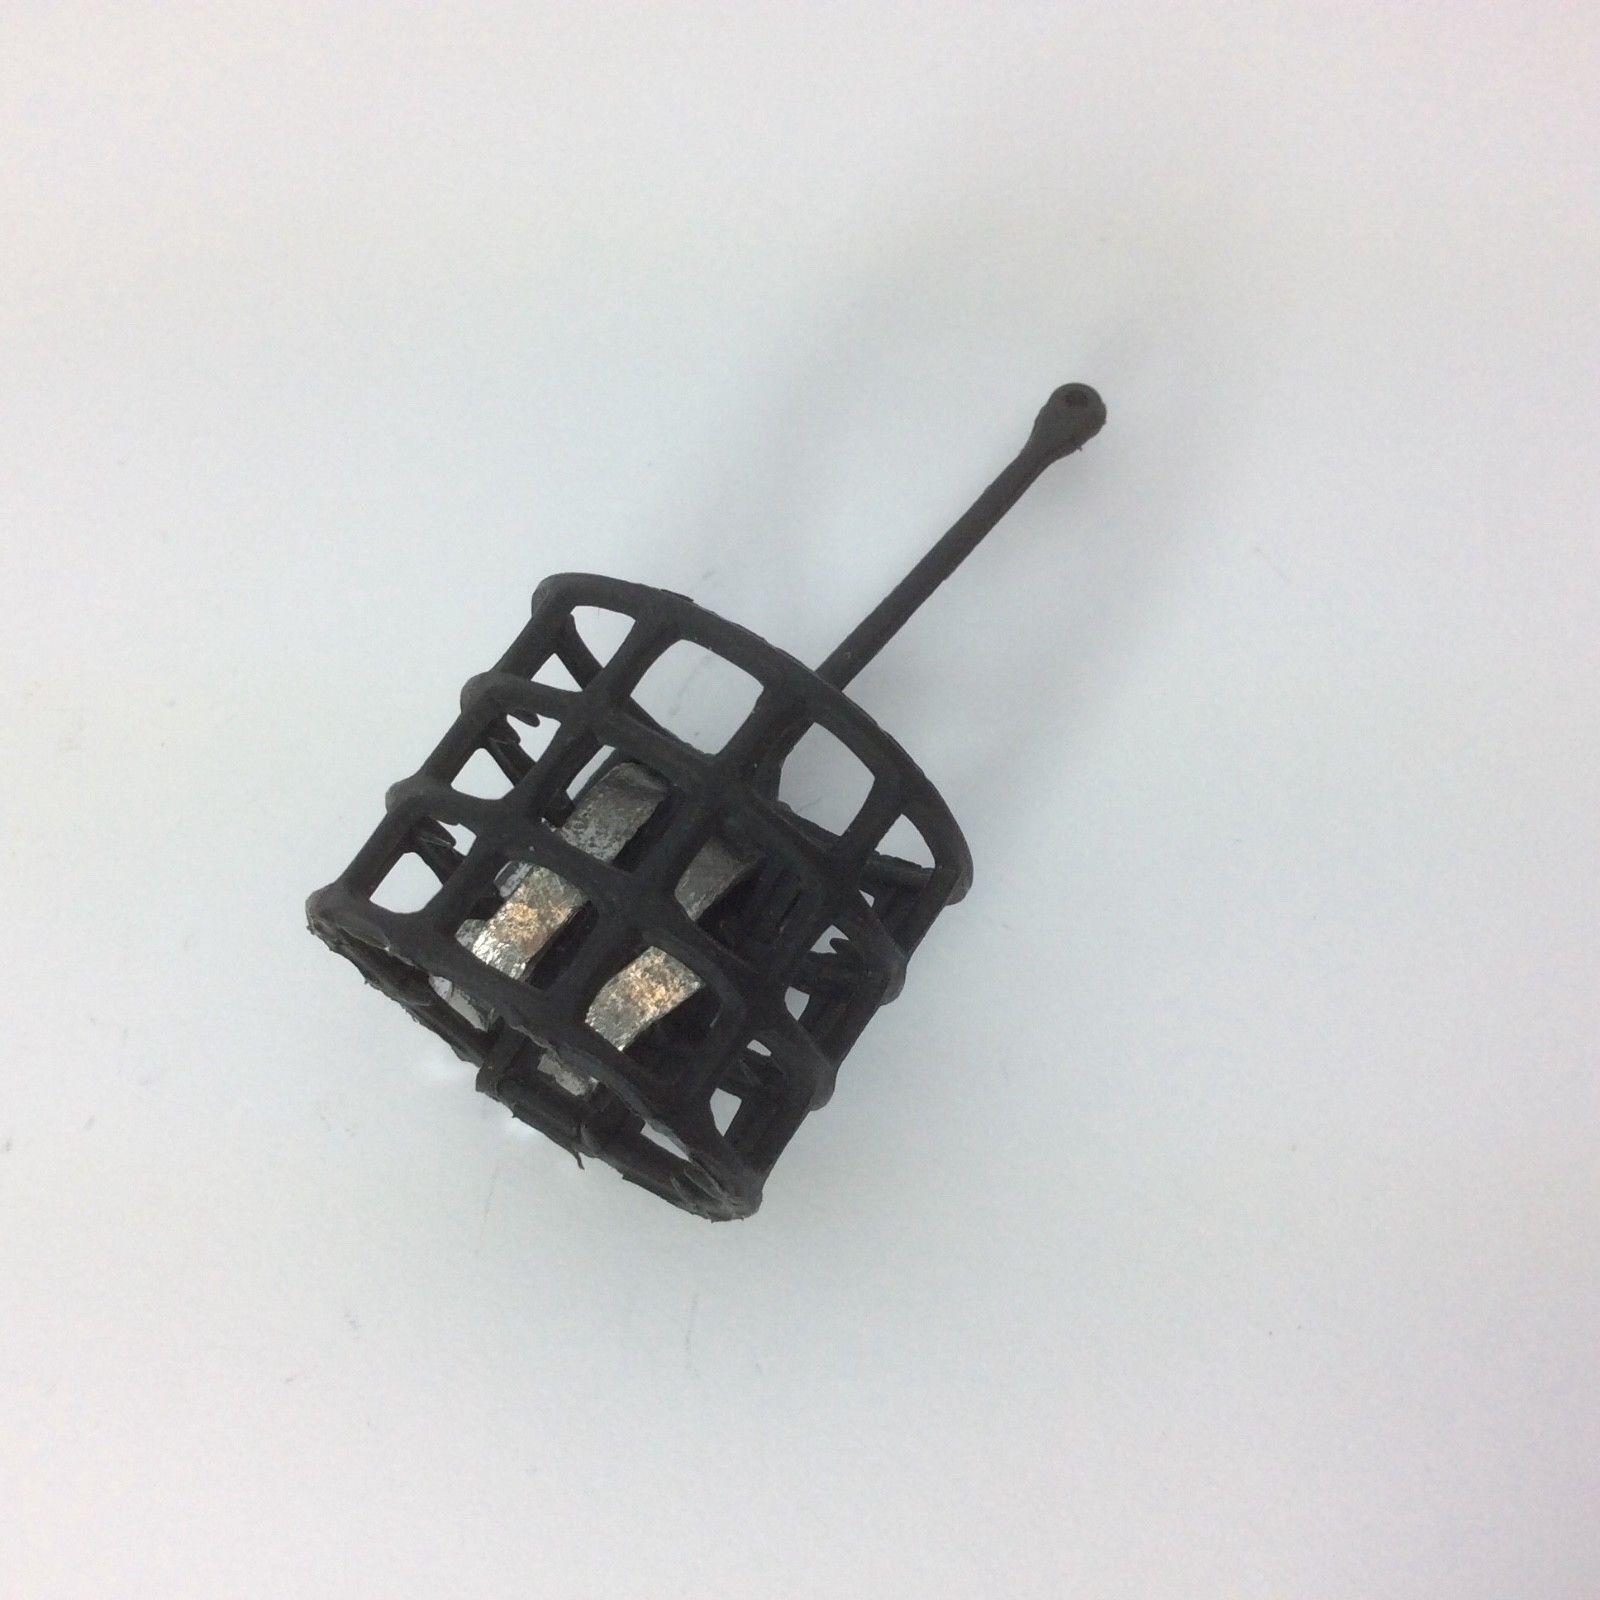 Futterkorb 19g rund schwarz offen Futter Korb Korb Korb Super zum Angeln Feederkorb NEU  | Nutzen Sie Materialien voll aus  5ea745